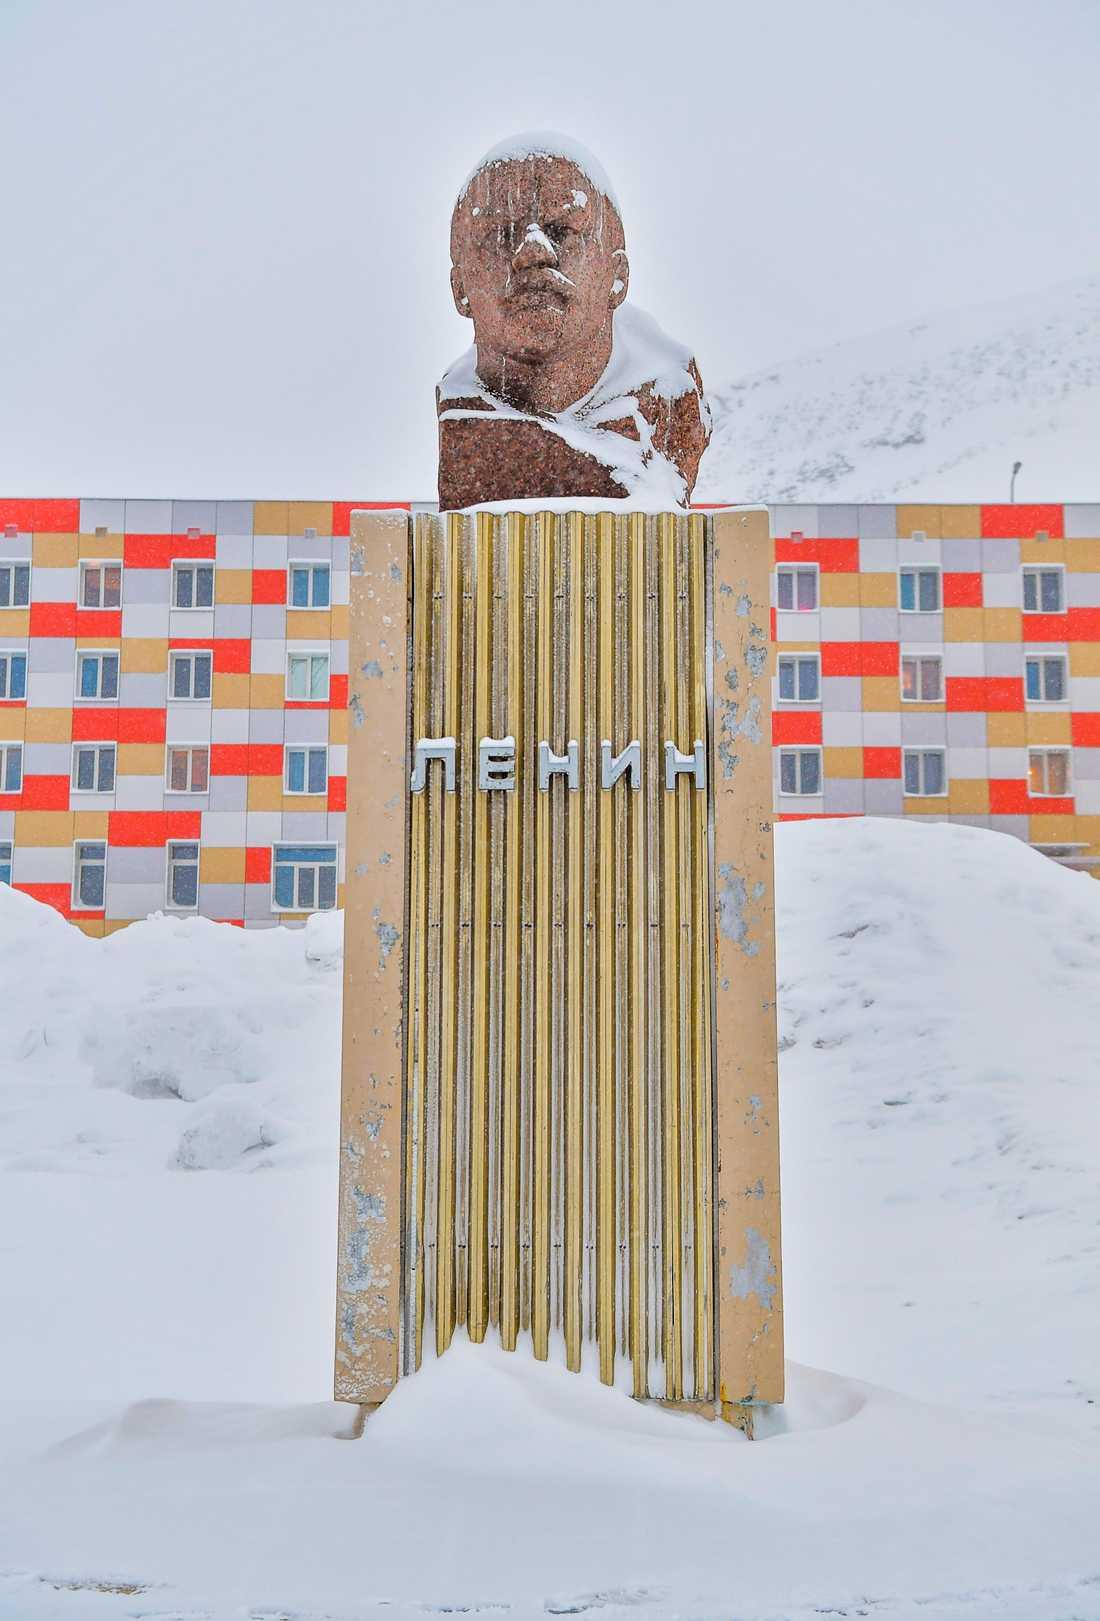 I det ryska gruvsamhället Barentsburg på Svalbard finns världens näst nordligaste Leninstaty. Den nordligaste finns i den gamla sovjetiska spökstaden Pyramiden, som också ligger på Svalbard.